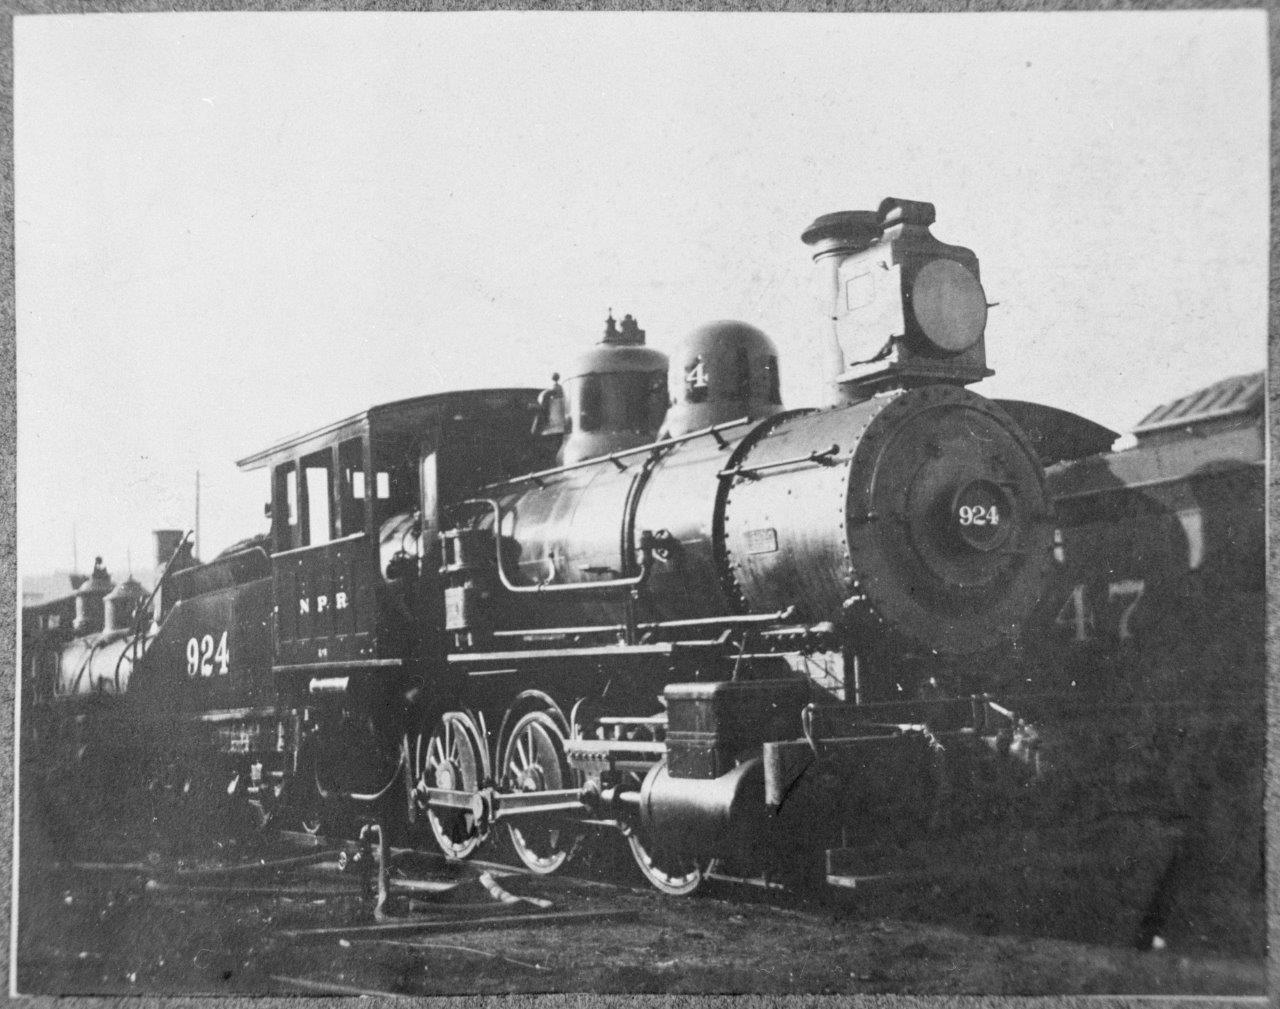 NP 924 circa 1908